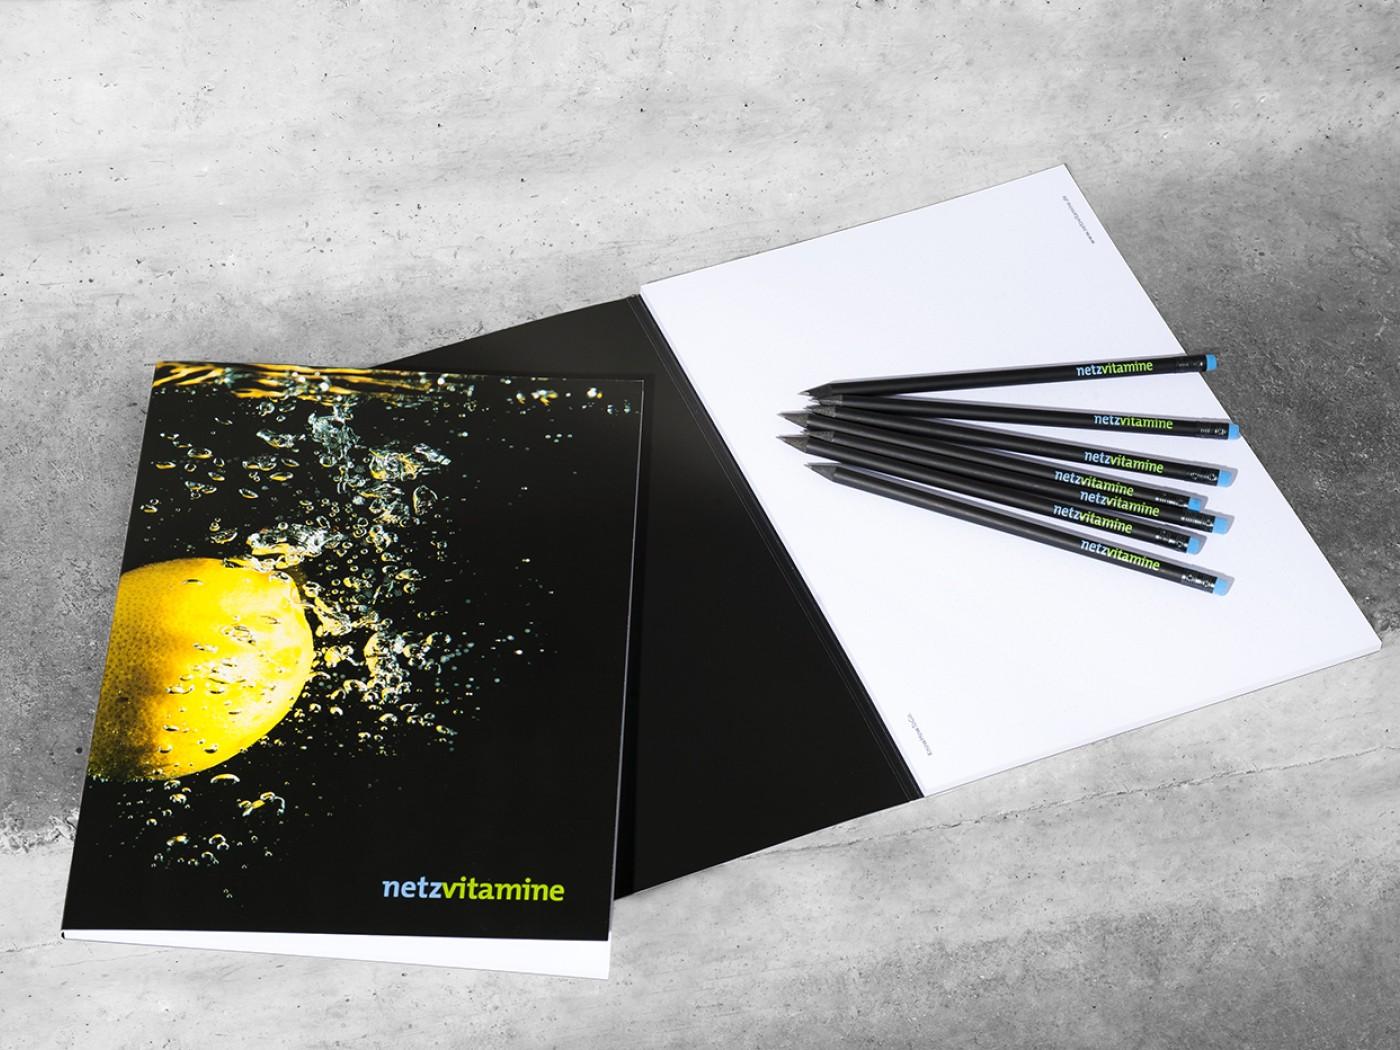 netzvitamine Block und Bleistifte